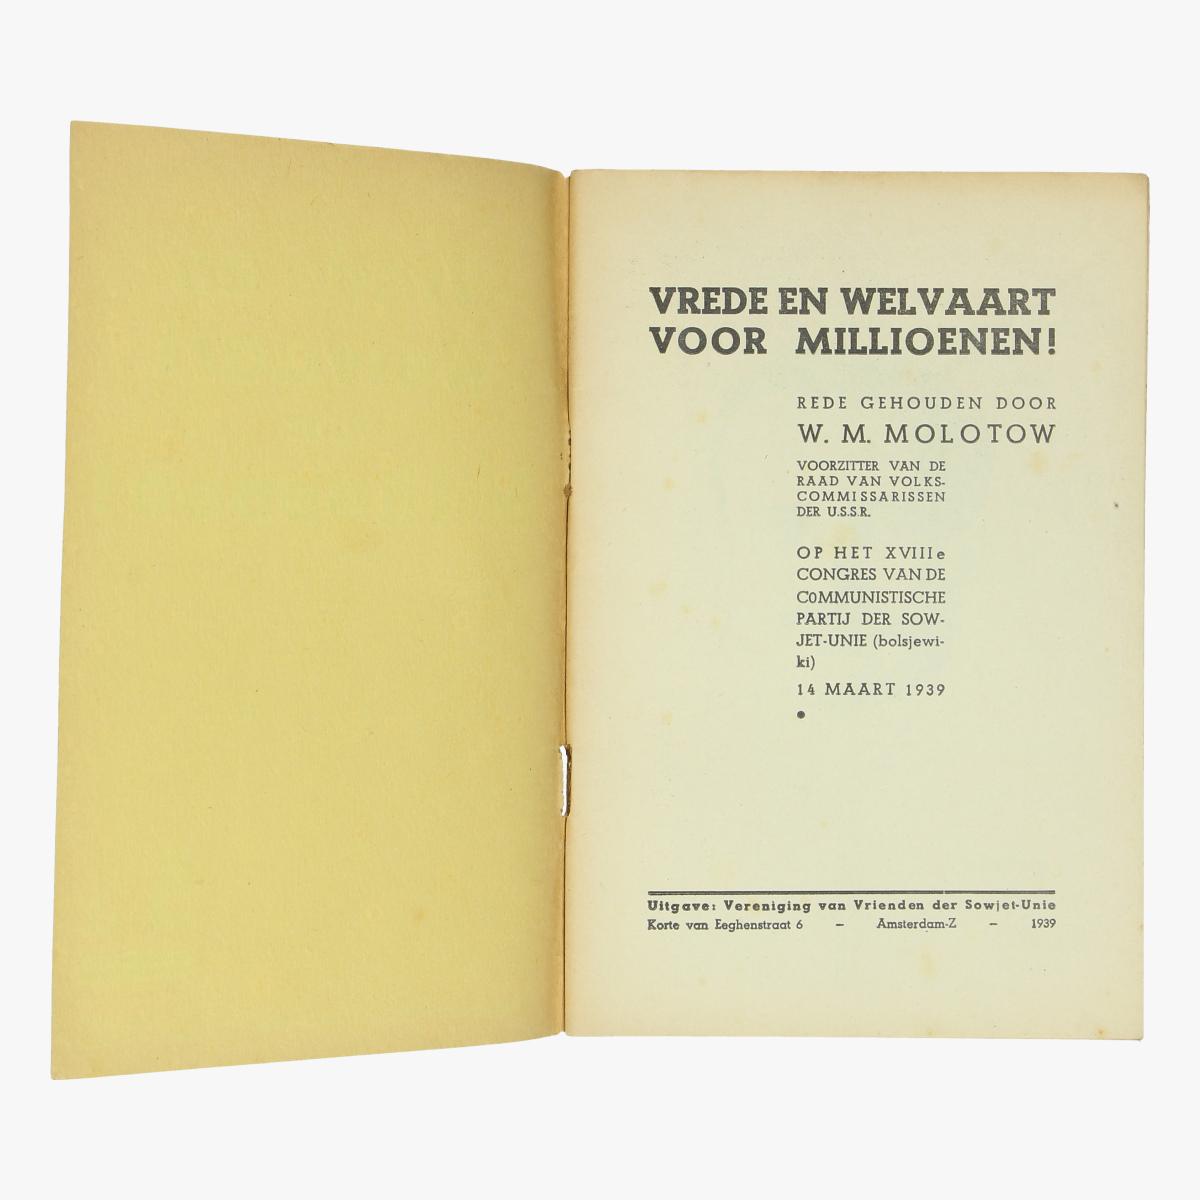 Afbeeldingen van boekje vrede en welvaart voor millioenen uitgave ver.v.vriendender sowjet-unie